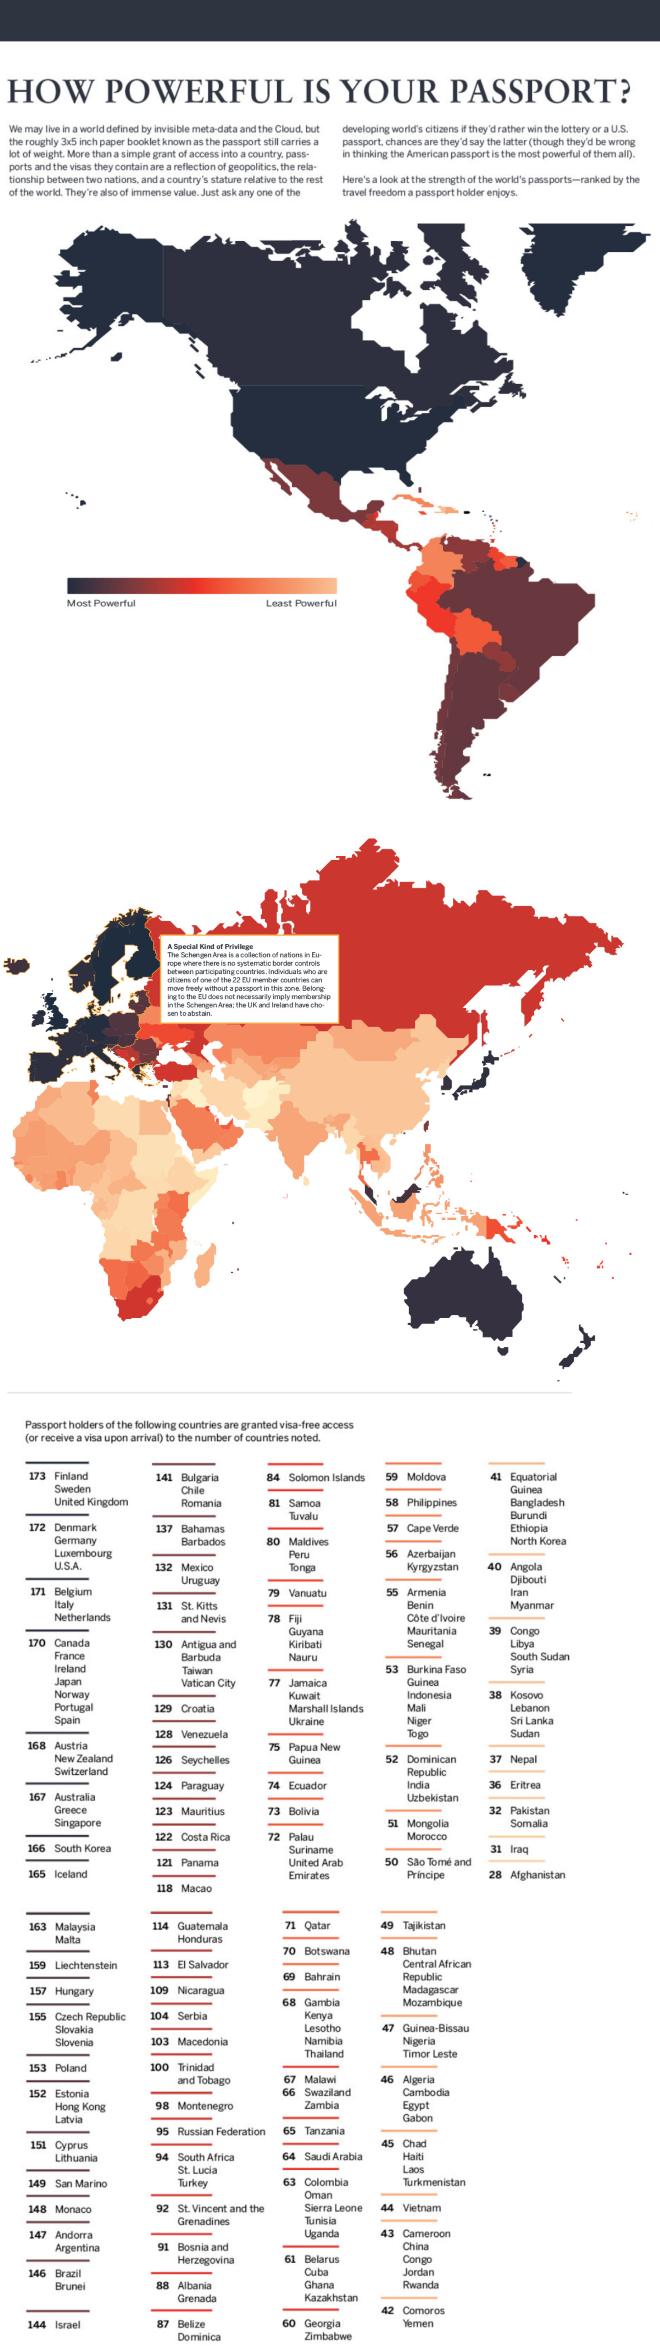 Powerful Passports Infographic